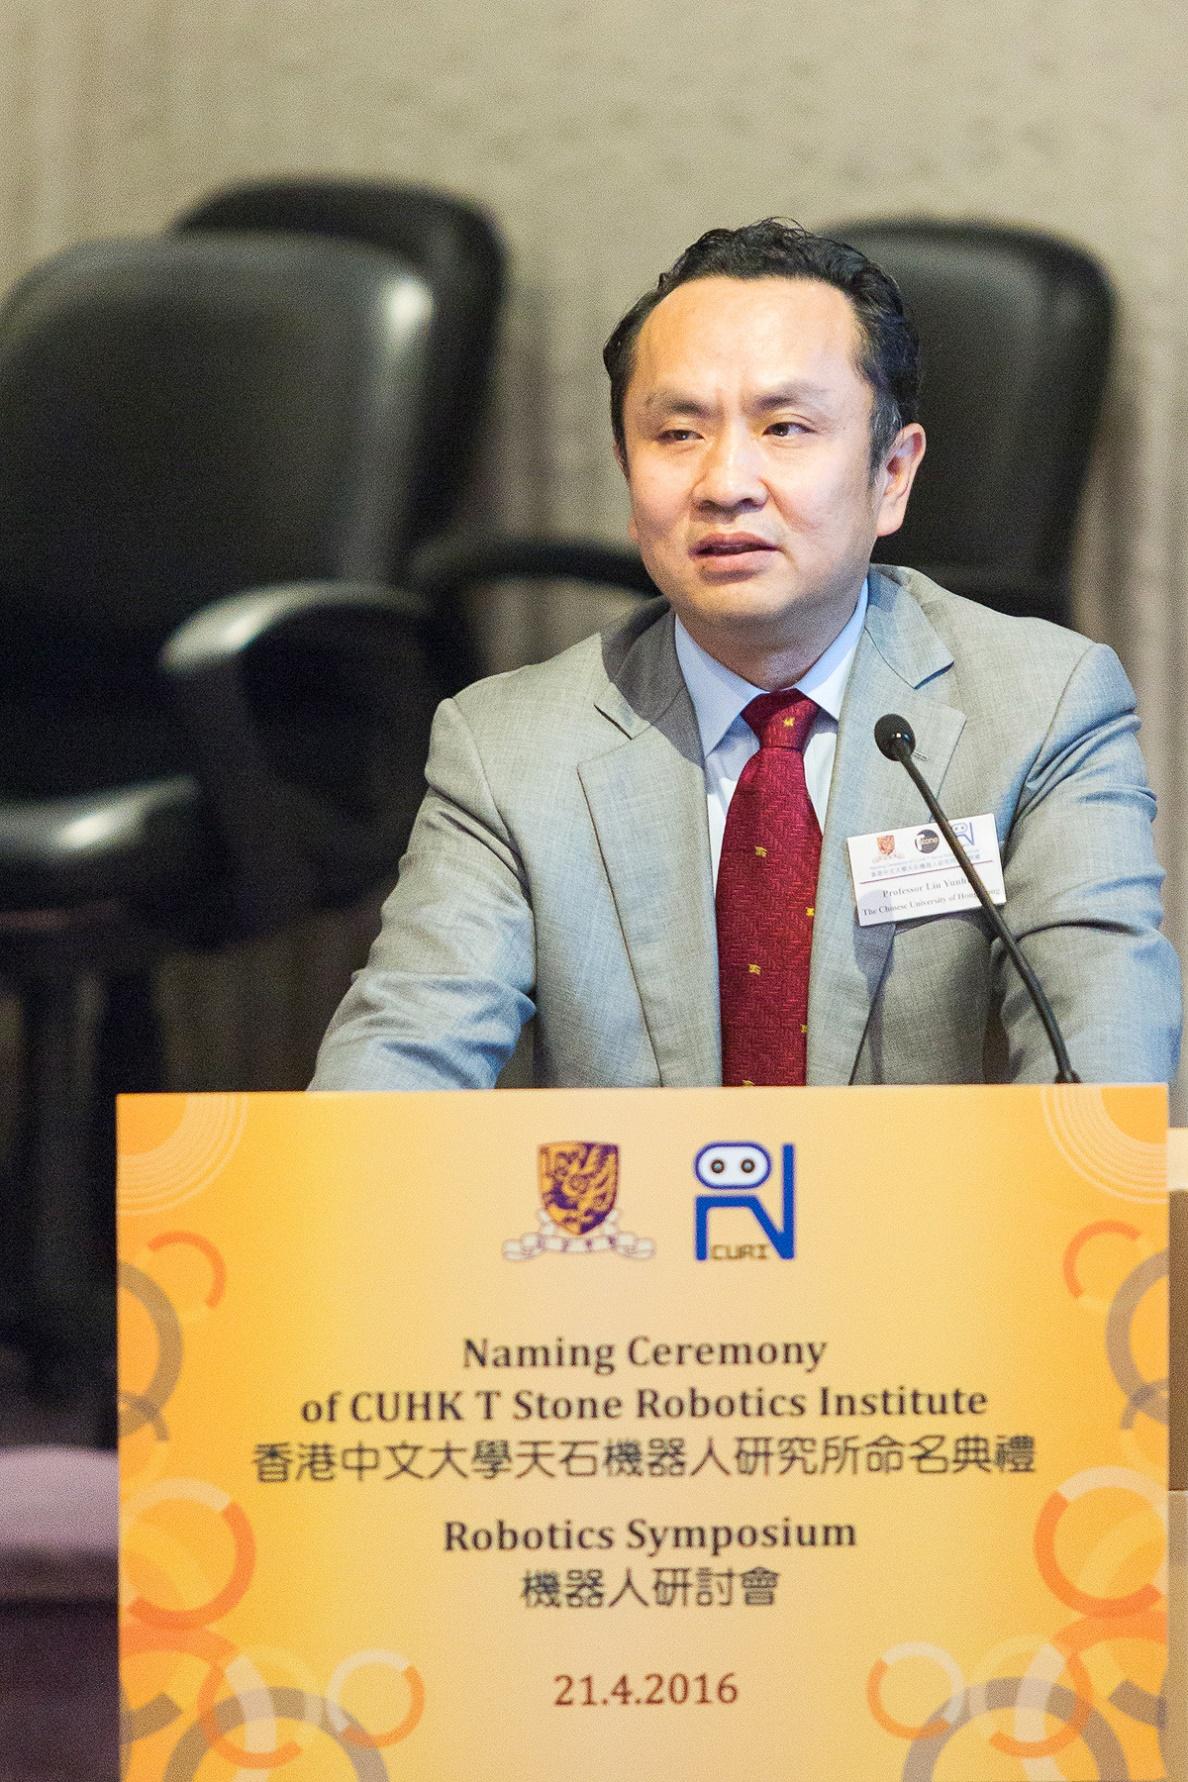 中大天石機器人研究所所長劉雲輝教授介紹研究所的發展方向。